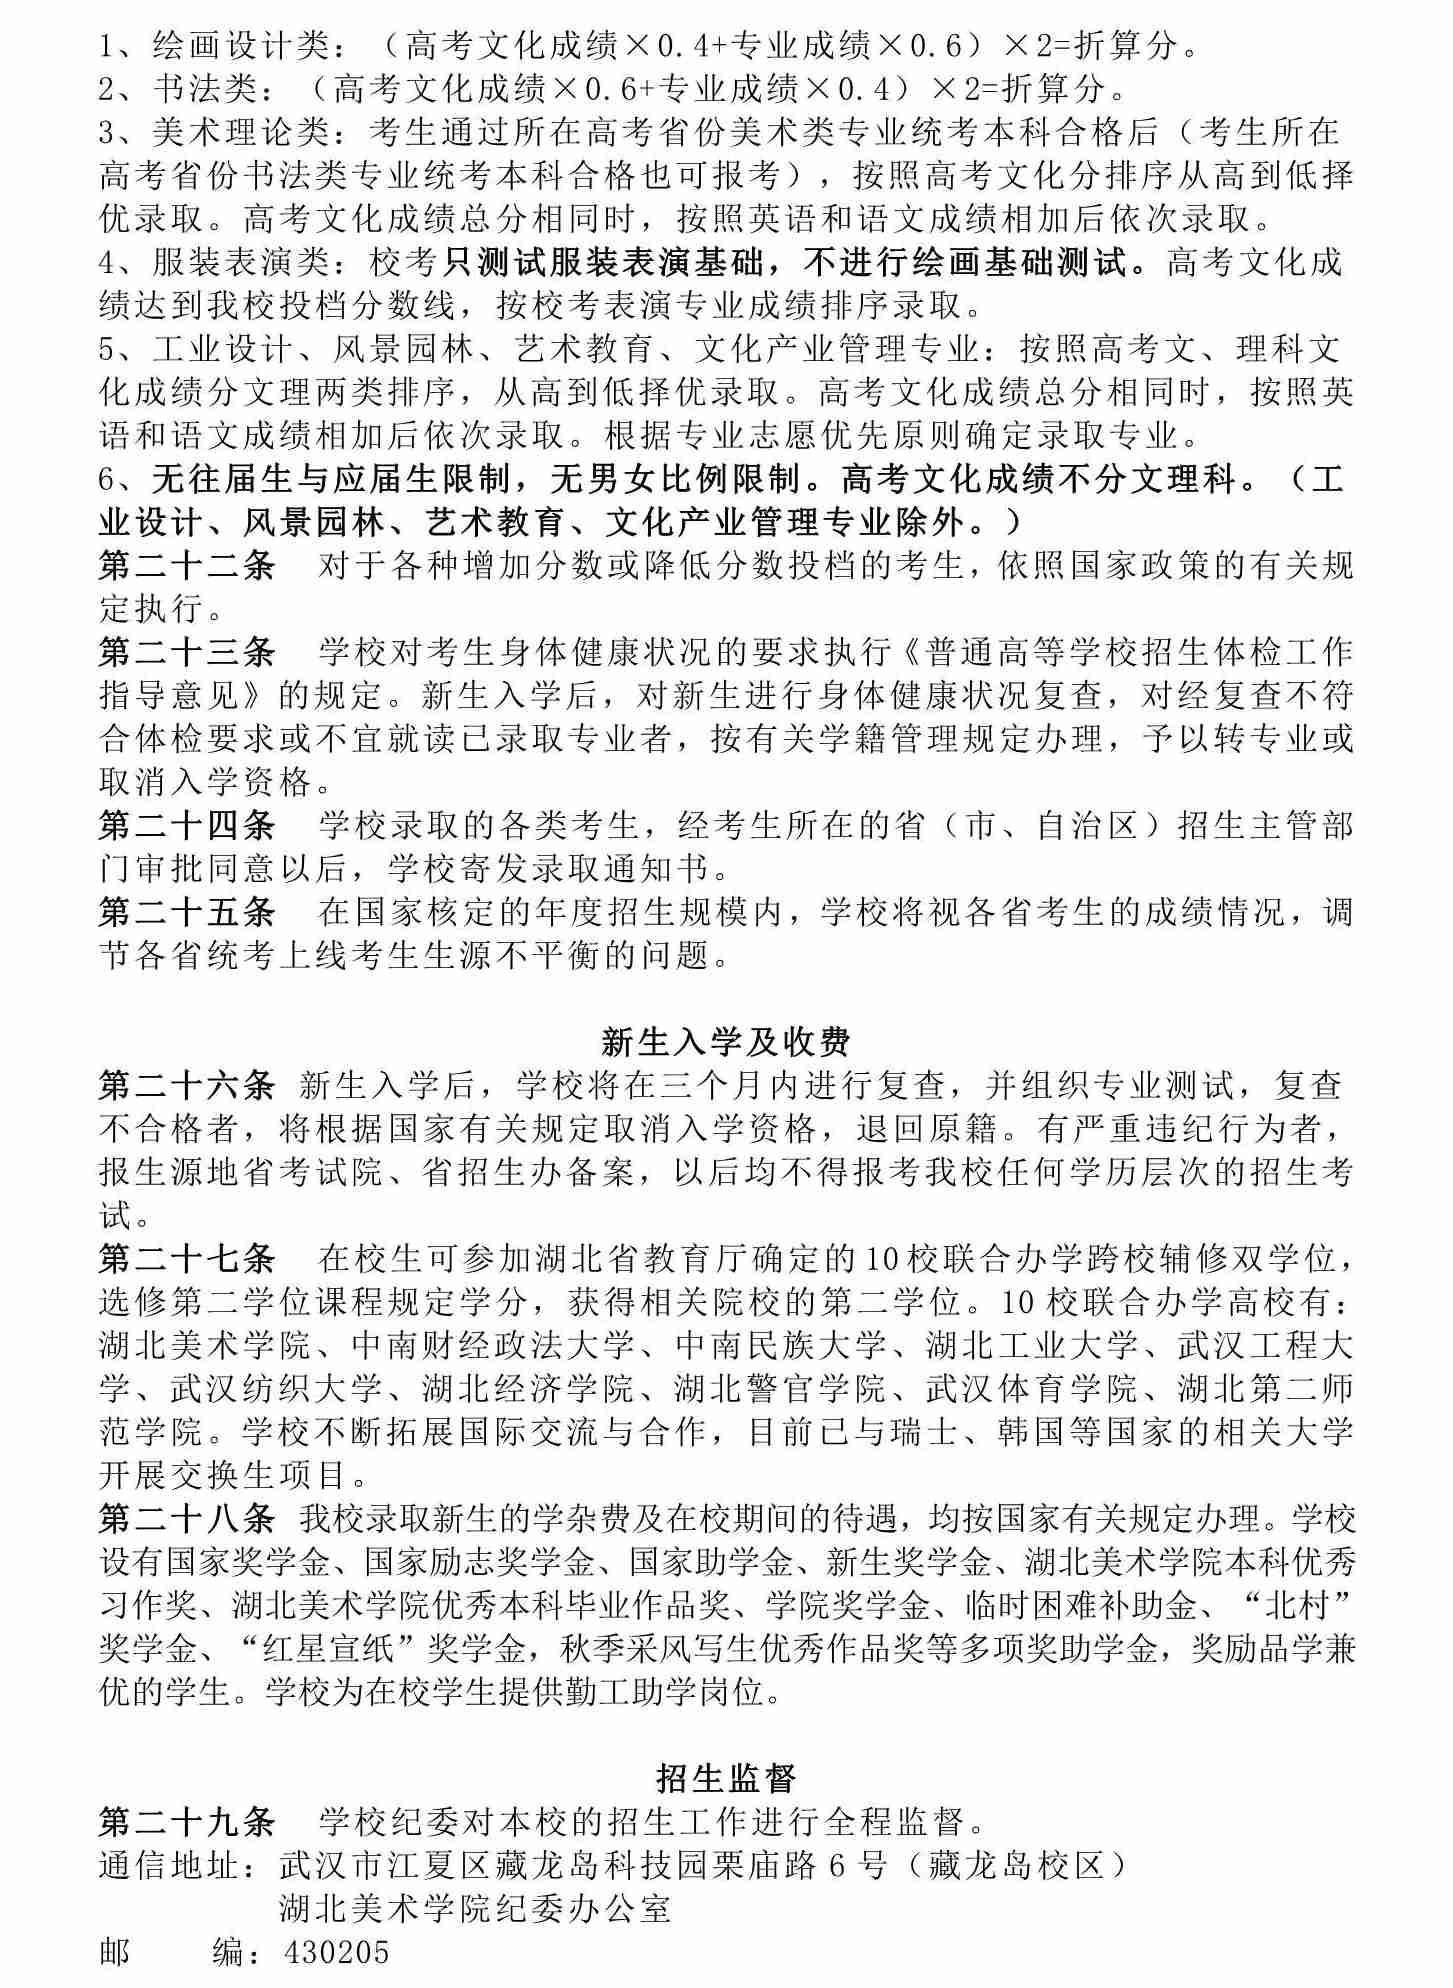 台灣美術學院2019年通俗本科招生簡章圖片04